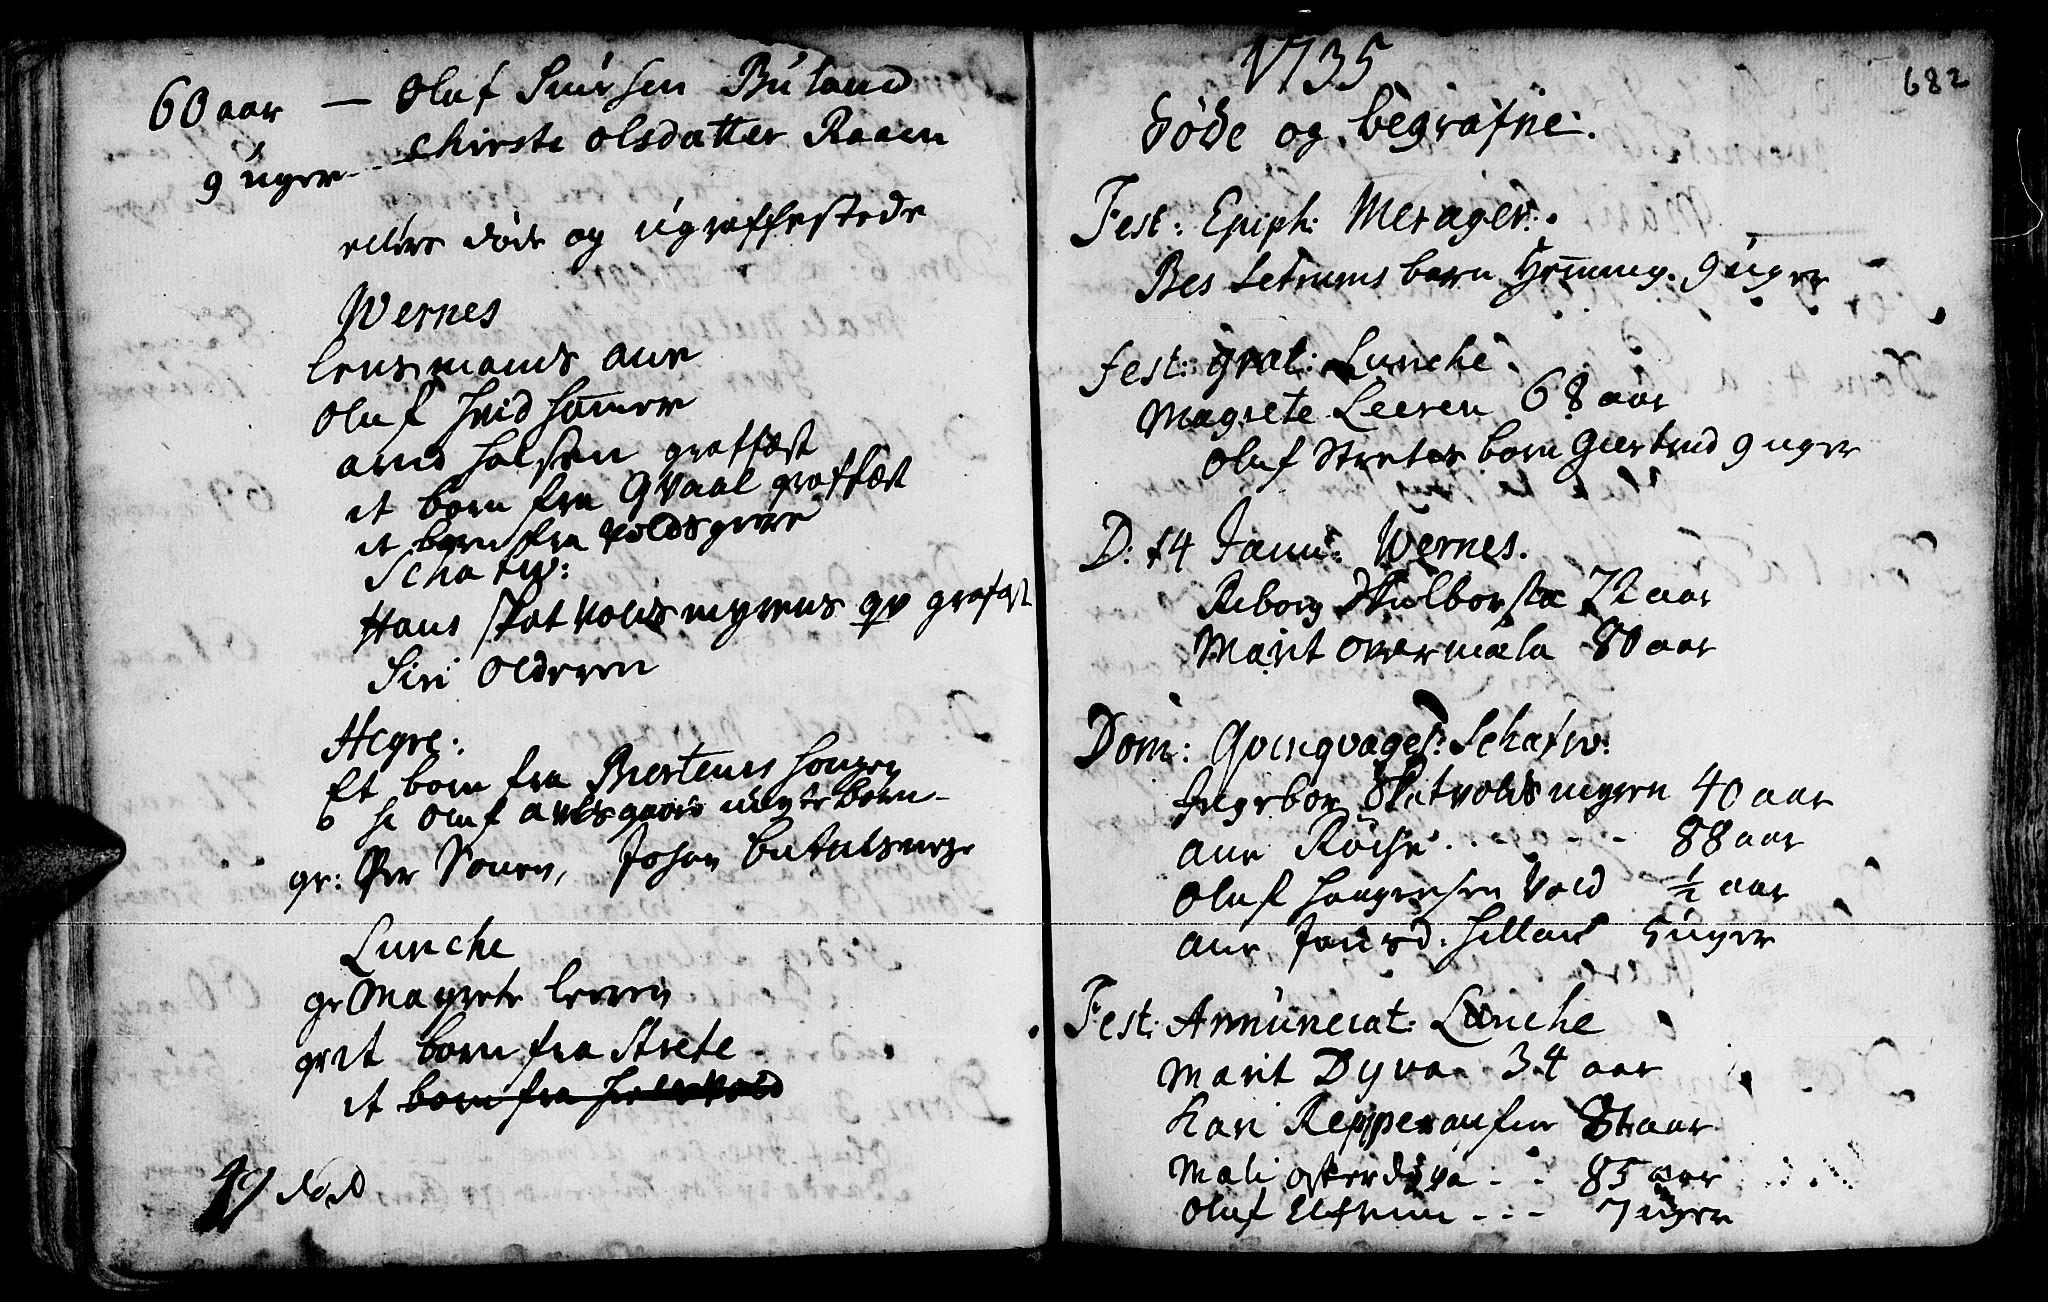 SAT, Ministerialprotokoller, klokkerbøker og fødselsregistre - Nord-Trøndelag, 709/L0055: Ministerialbok nr. 709A03, 1730-1739, s. 681-682